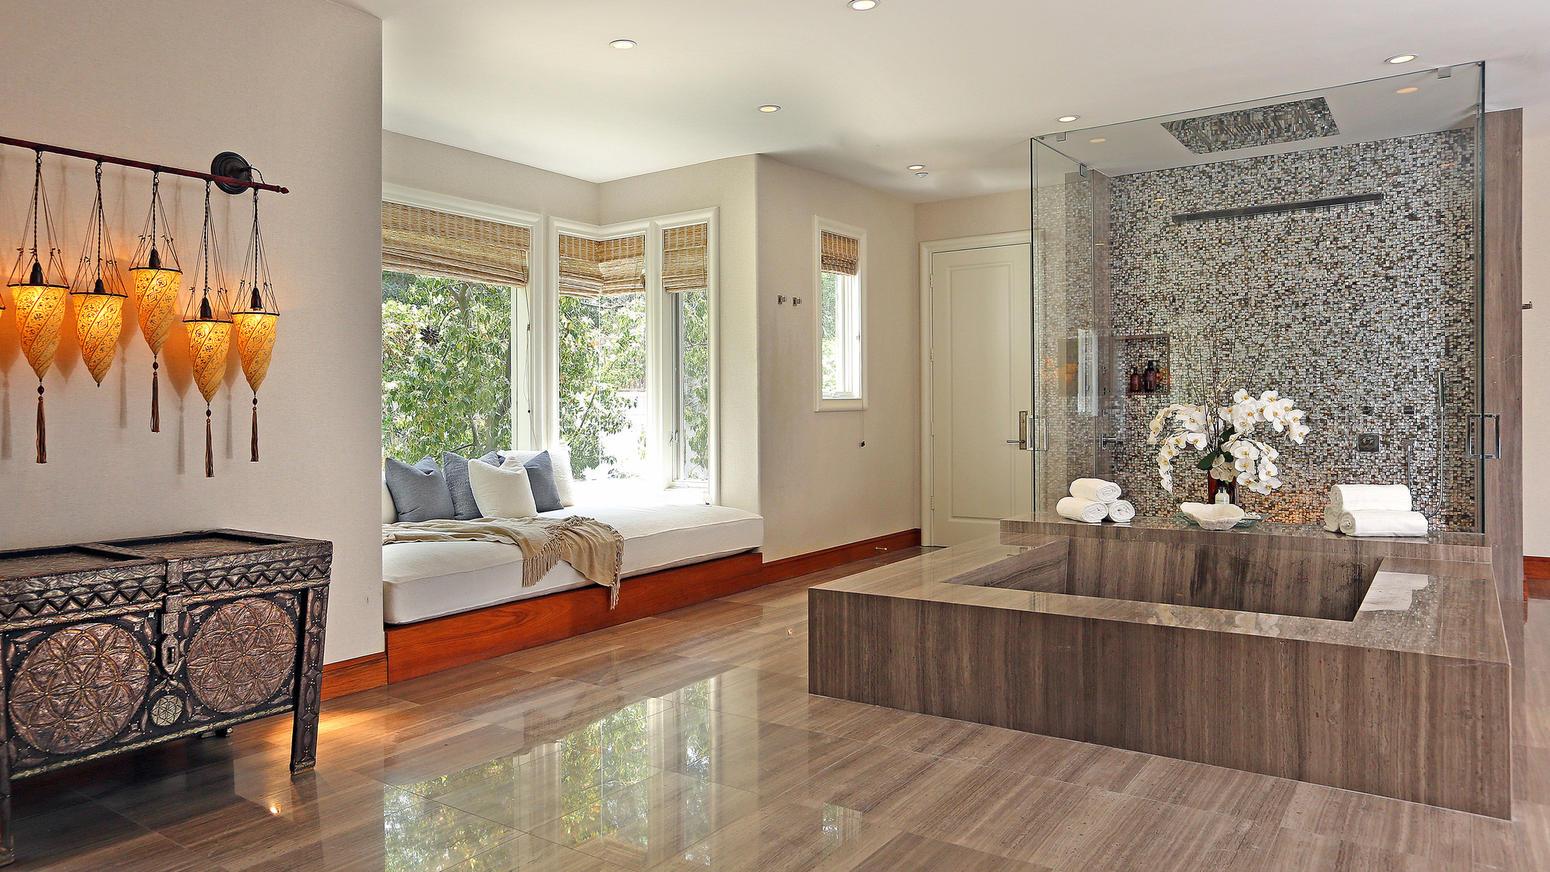 Spa in casa arredamento casa arredo e stili di vita with spa in